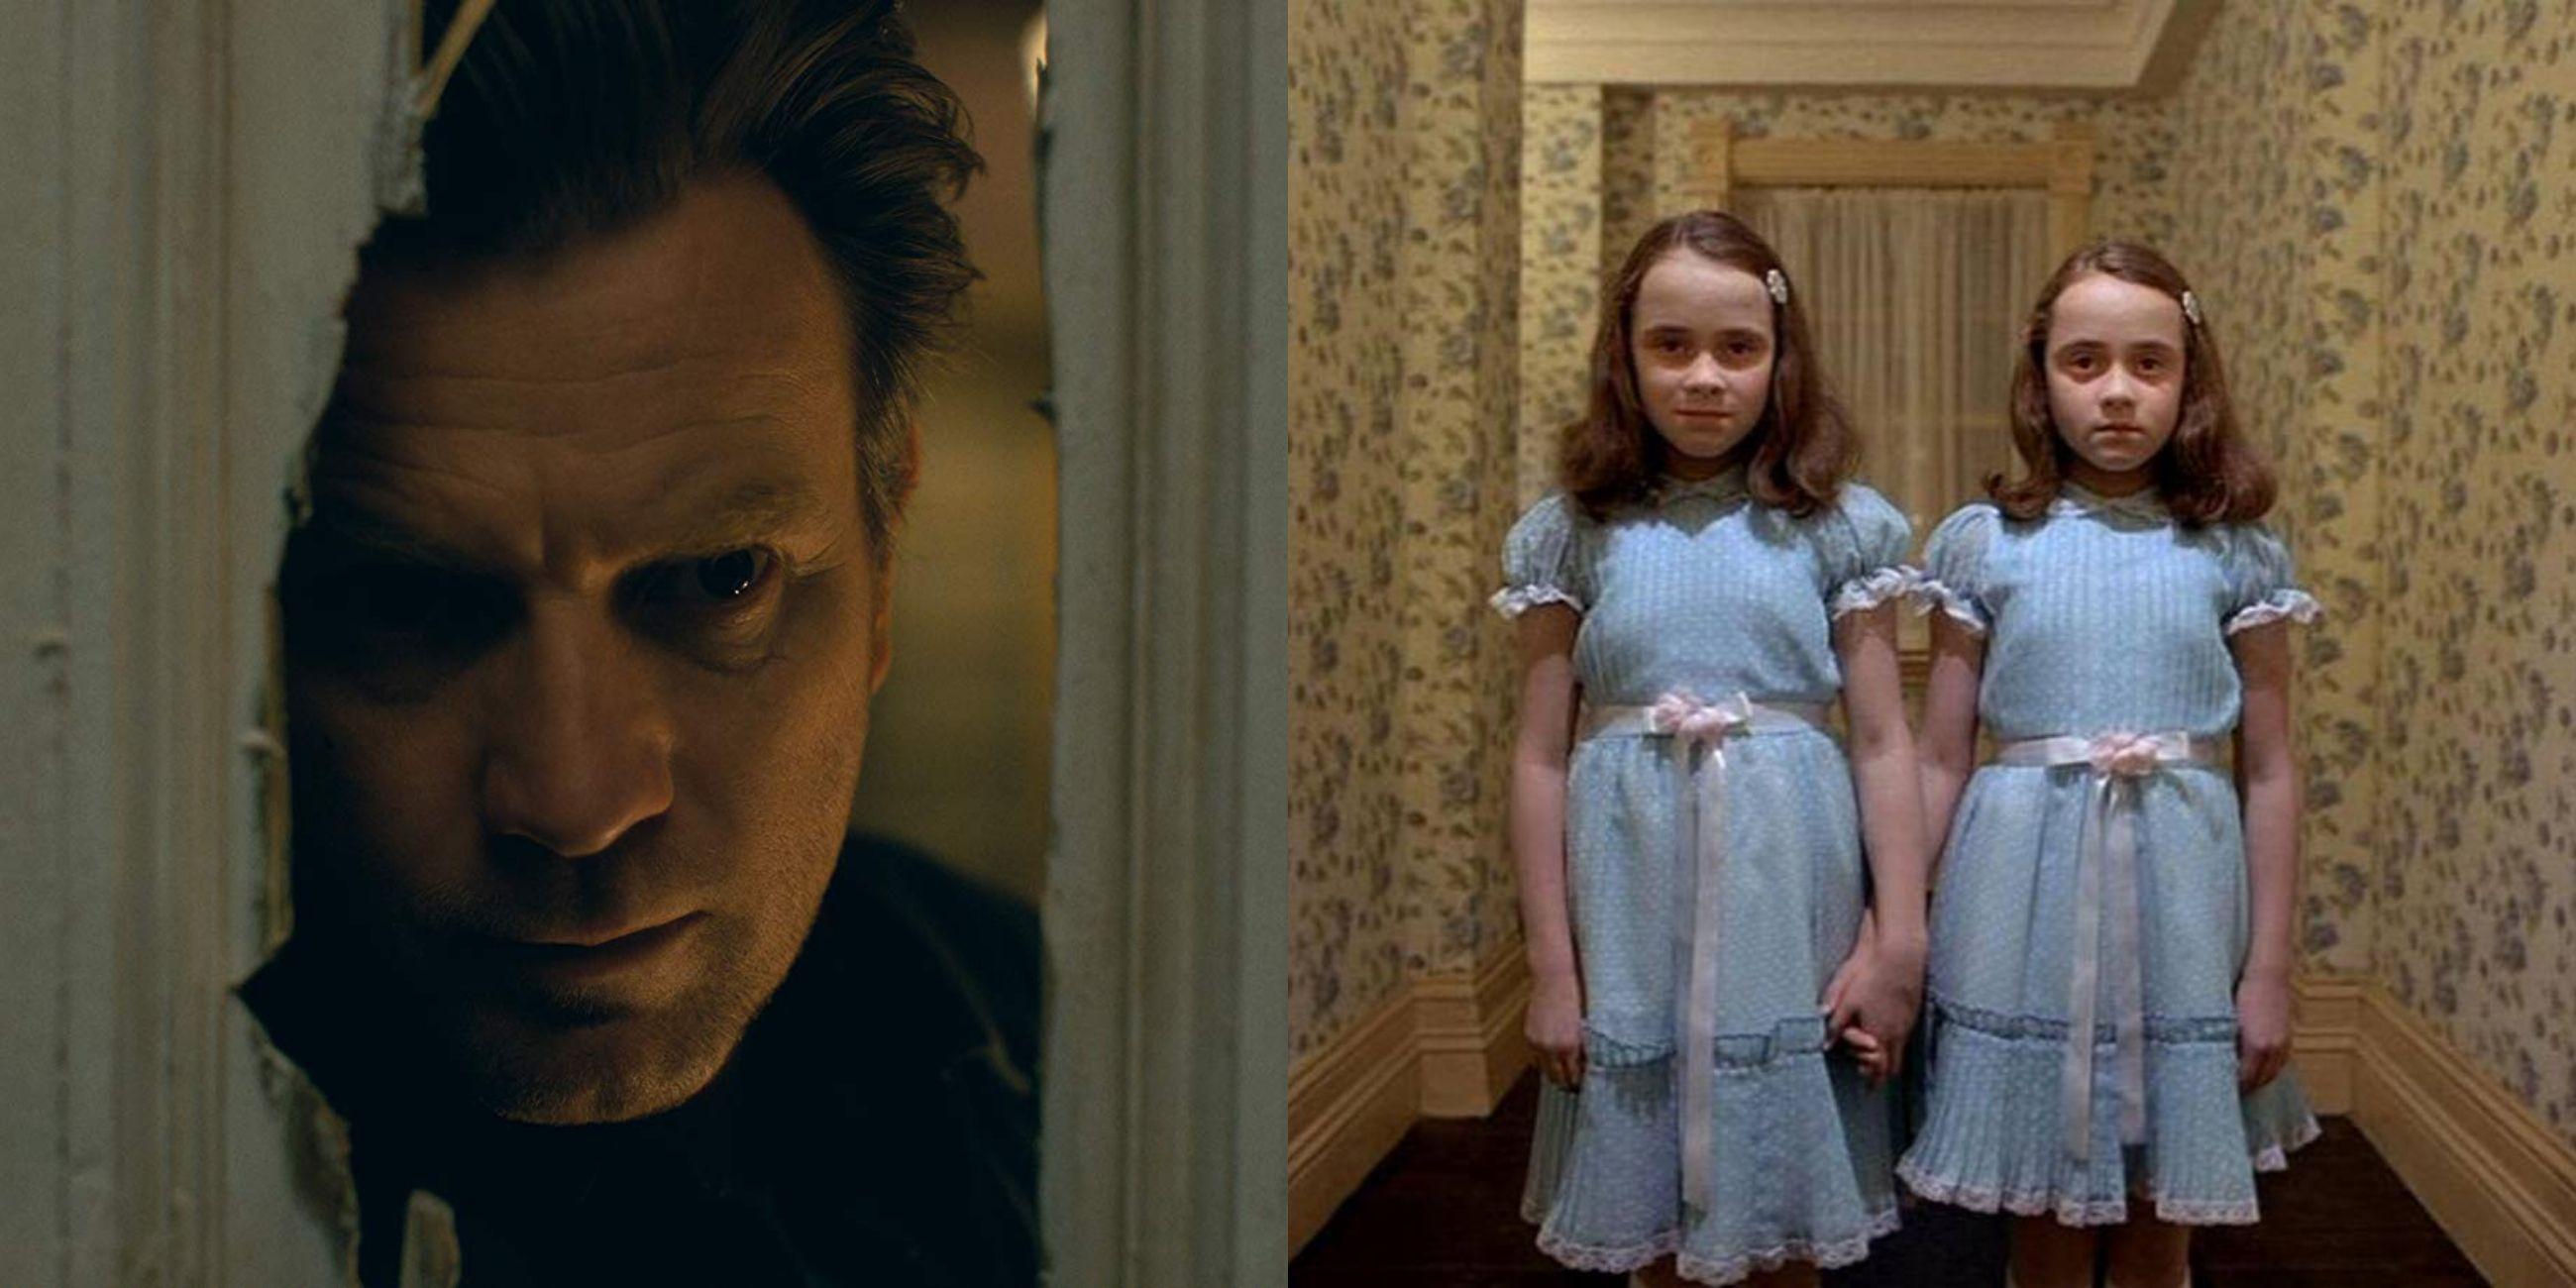 史蒂芬金《鬼店》續集《安眠醫生》首支預告正式上線!伊旺麥奎格飾小男孩成年版大展閃靈能力